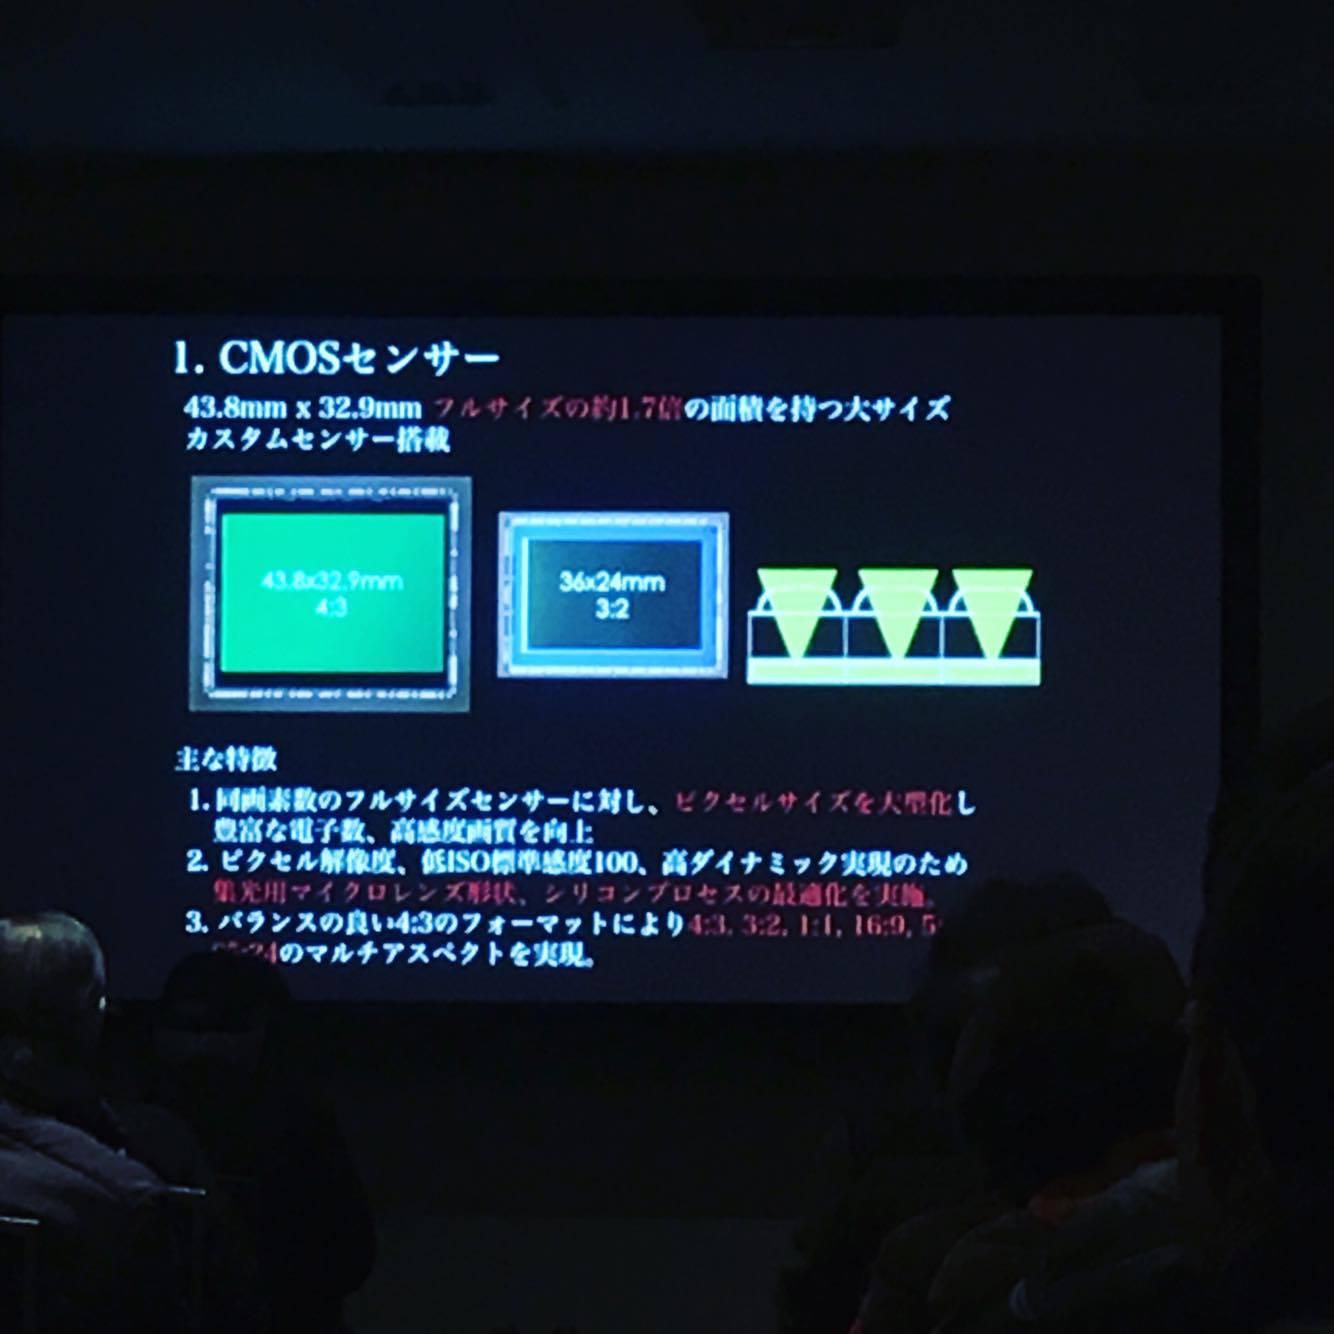 センサーについての説明画面